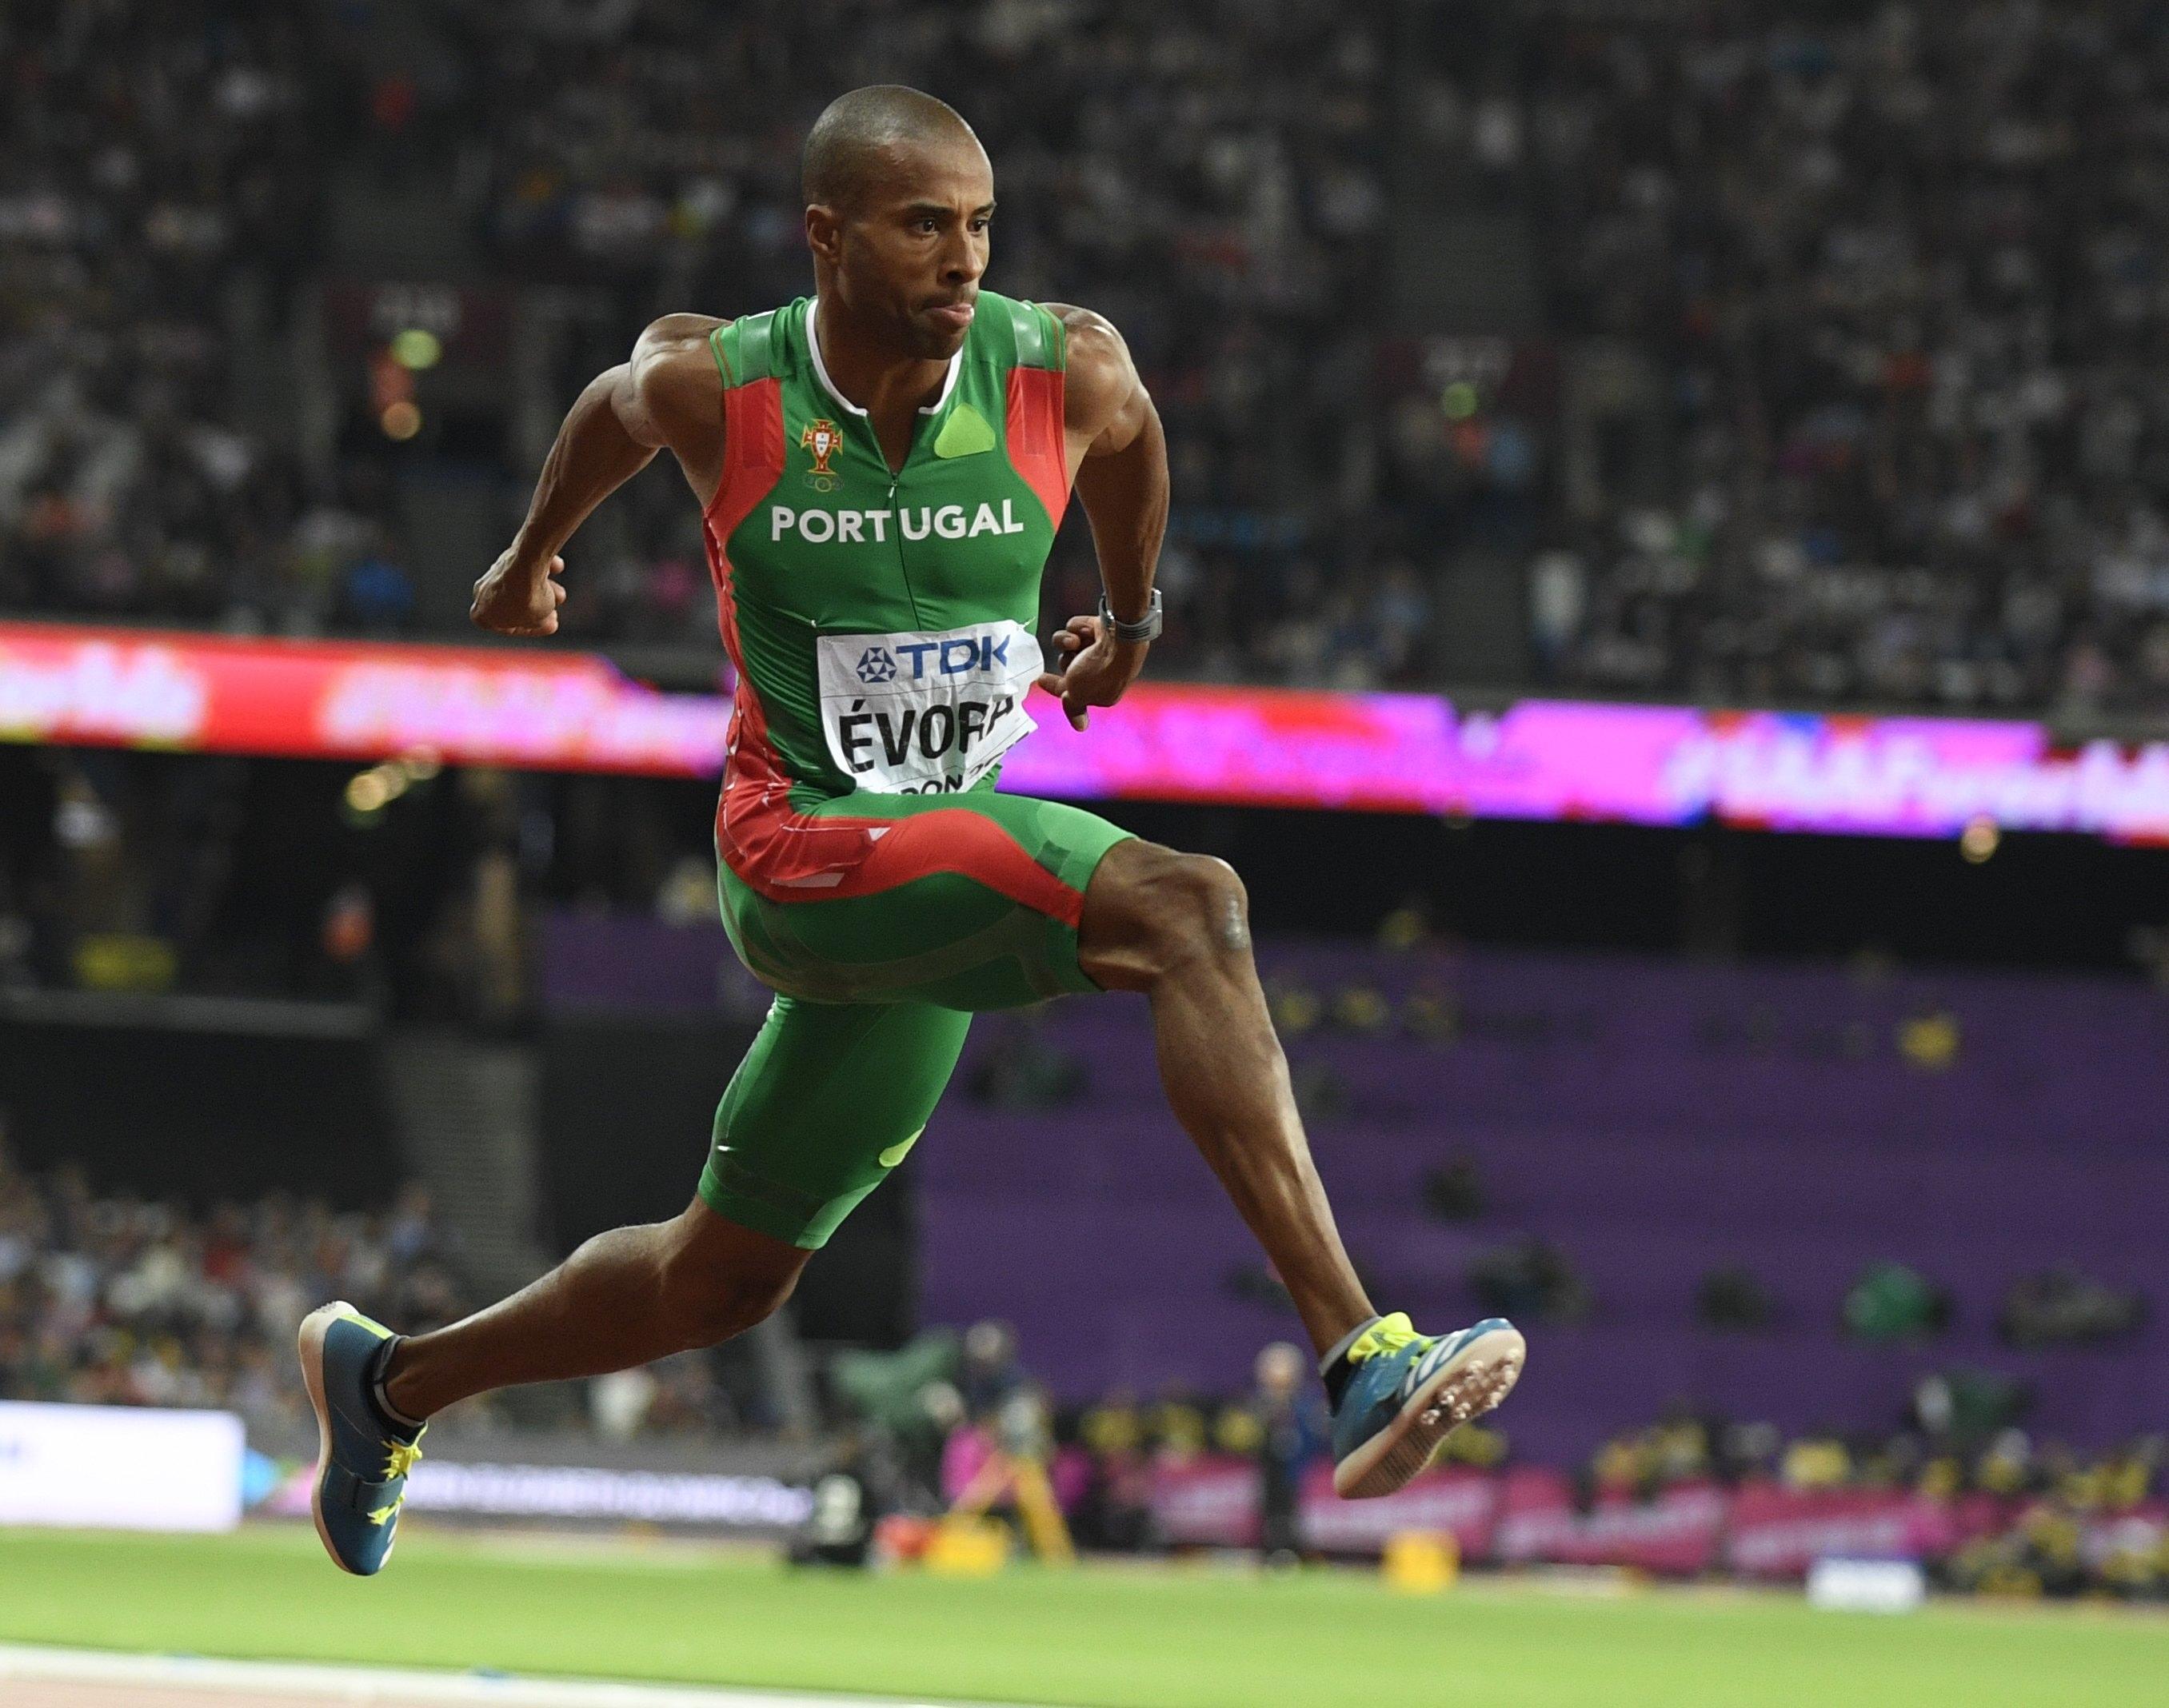 Resultado de imagem para Nelson Évora é vice-campeão europeu de triplo salto